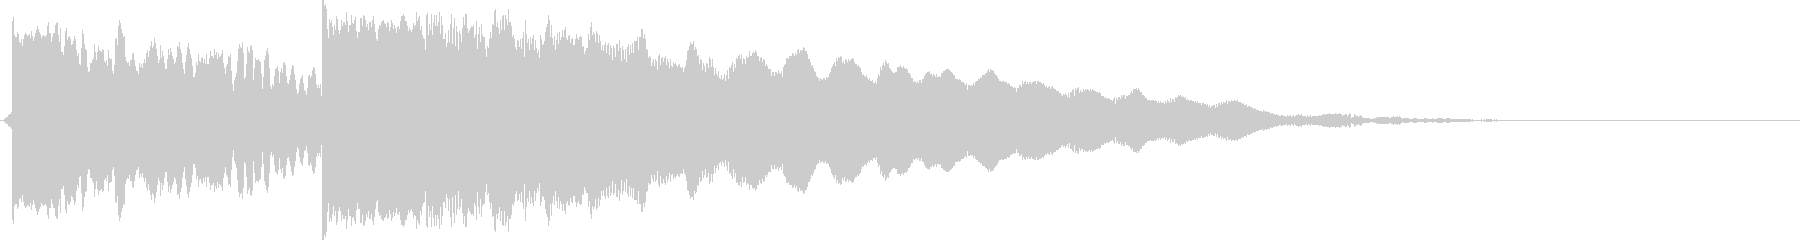 情緒的なエレキギターの未再生の波形